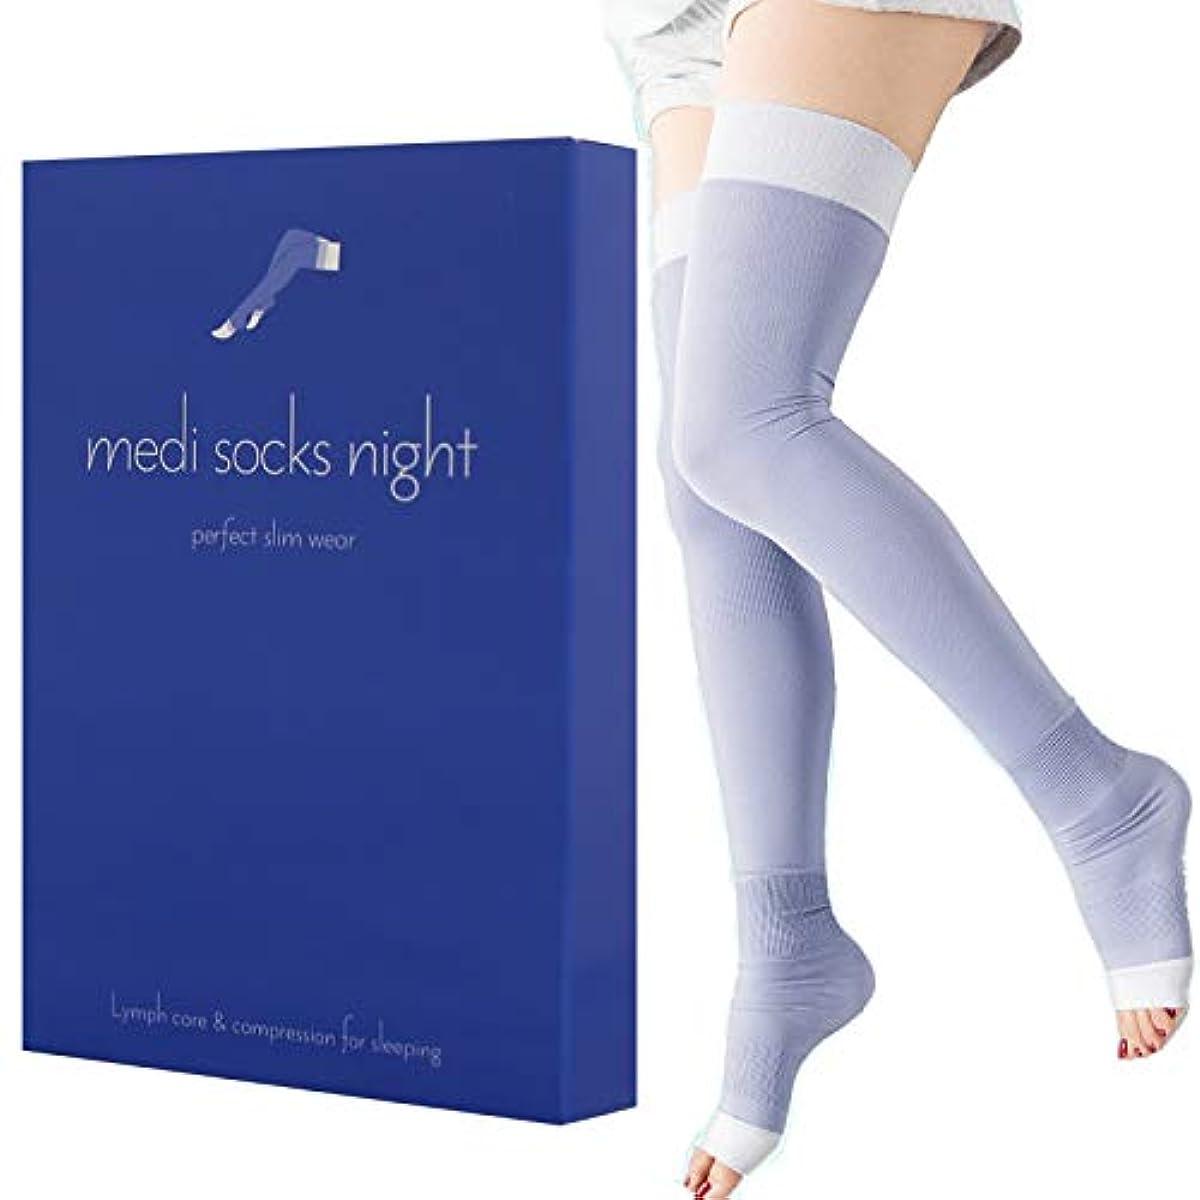 ベール熱心ななんでもメディソックスナイト ~medi socks night~ Mサイズ